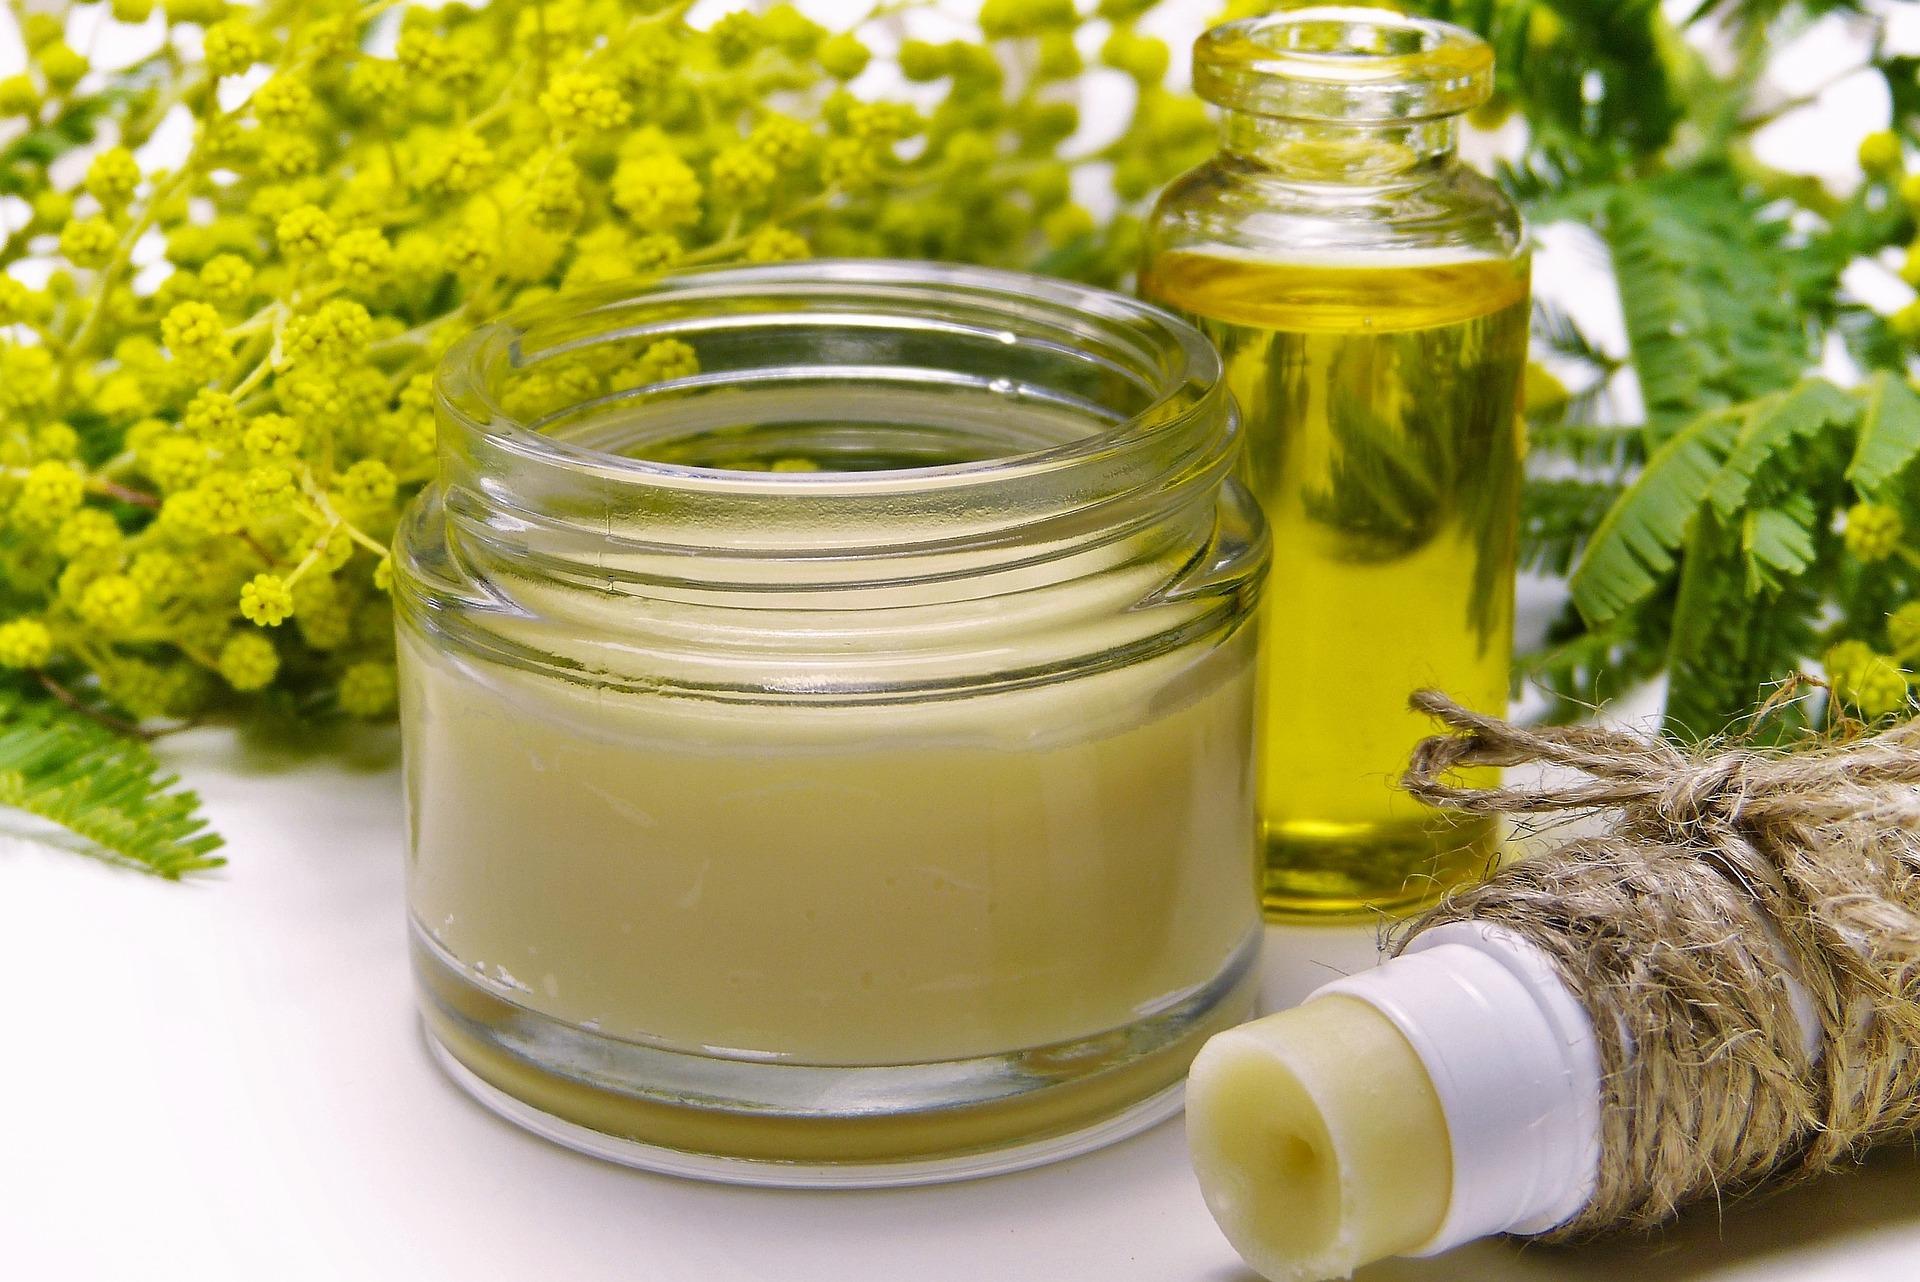 Öle für die Haut – ein umfangreicheres Thema